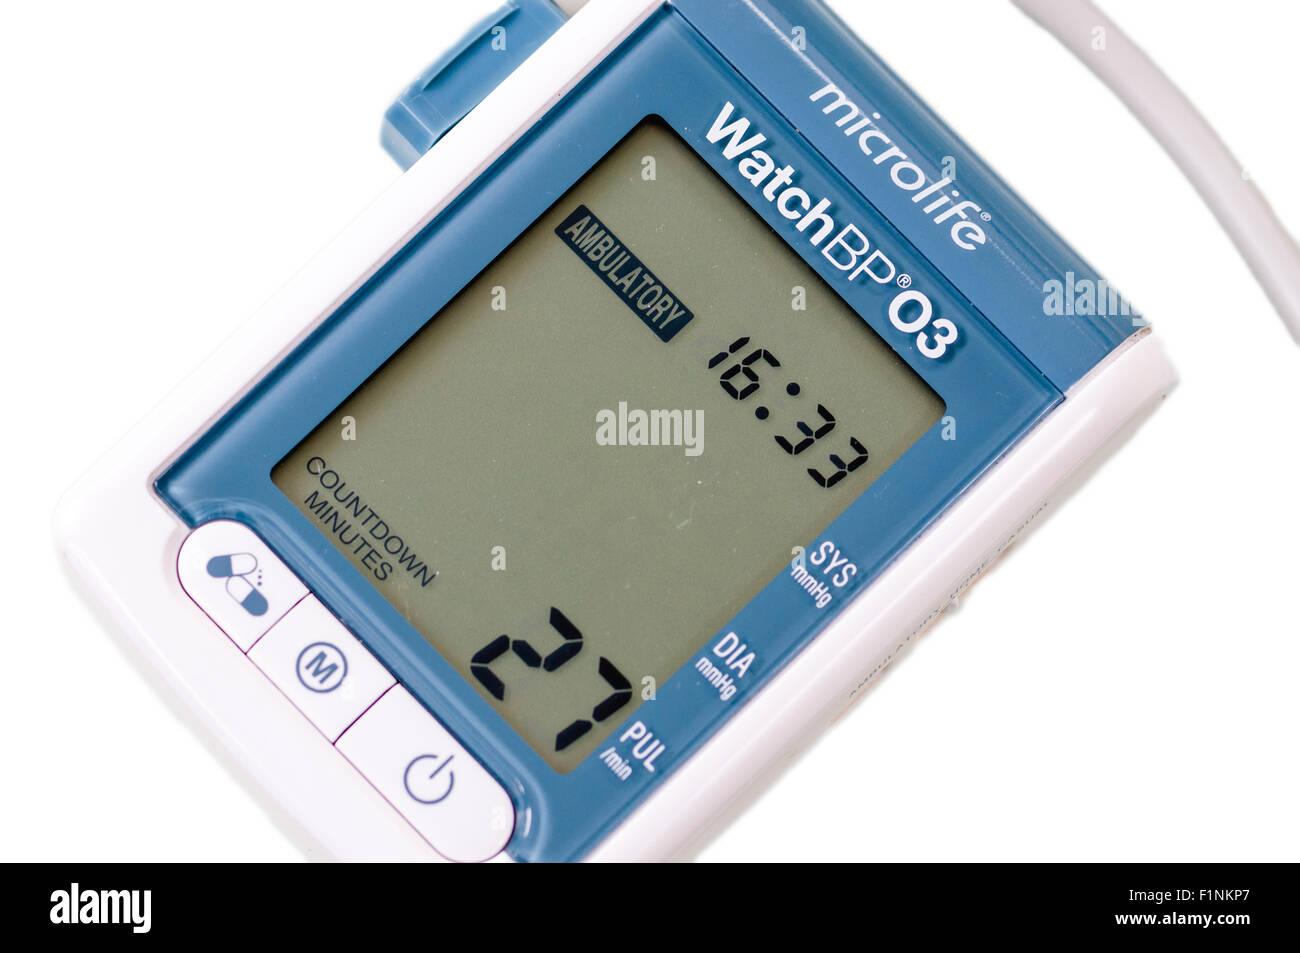 Microlife WatchBP03 monitor ambulatorio de presión arterial Foto de stock